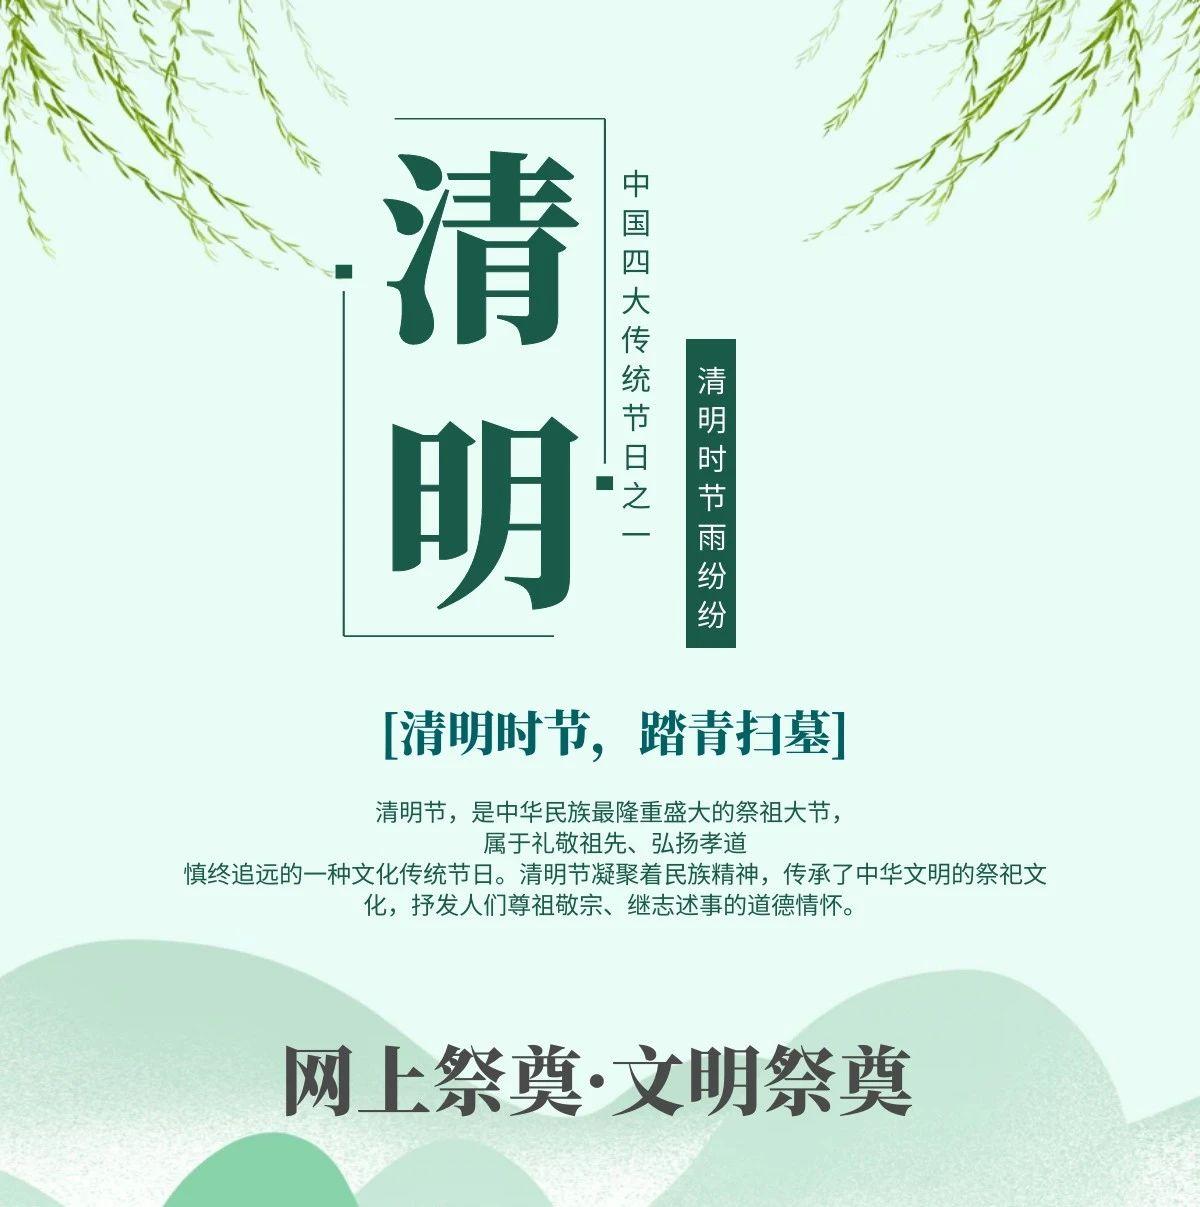 洛阳发布最新通告!暂停公墓、陵园等祭扫悼念活动